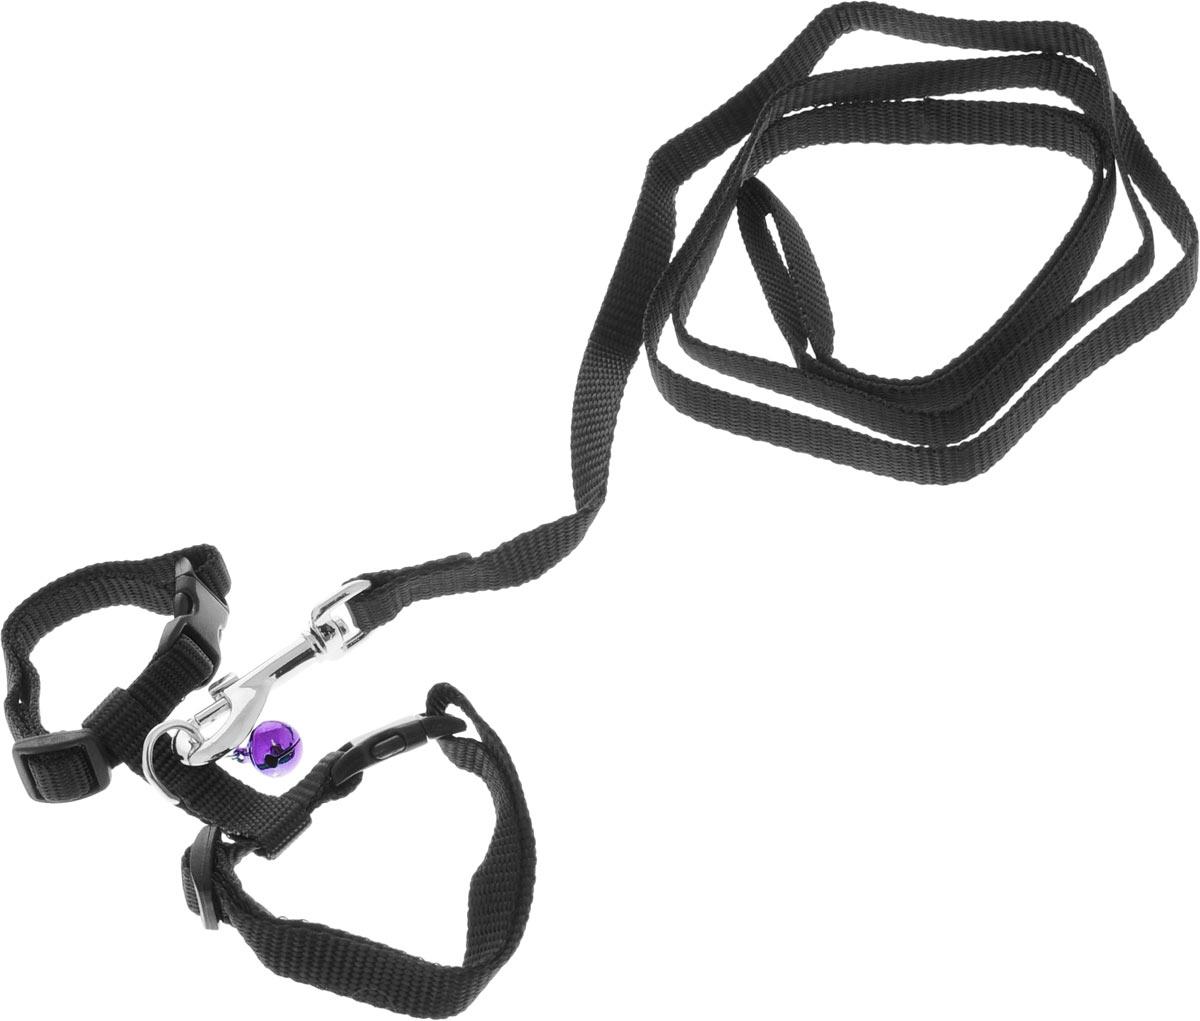 Шлейка для грызунов Каскад, с поводком, цвет: черный, ширина 10 мм, обхват груди 20-30 см01210011-07Шлейка изготовлена из прочного нейлона и дополнена бубенчиком, подходит для домашних грызунов. Крепкие металлические элементы делают еенадежной и долговечной. Шлейка - это альтернатива ошейнику. Правильно подобранная шлейка не стесняет движения питомца, не натирает кожу, поэтому животное чувствует себя в ней уверенно и комфортно. Размер регулируется при помощи пряжки.В комплекте поводок с металлическим карабином.Обхват груди: 20-30 см. Ширина шлейки: 1 см.Длина поводка: 108 см.